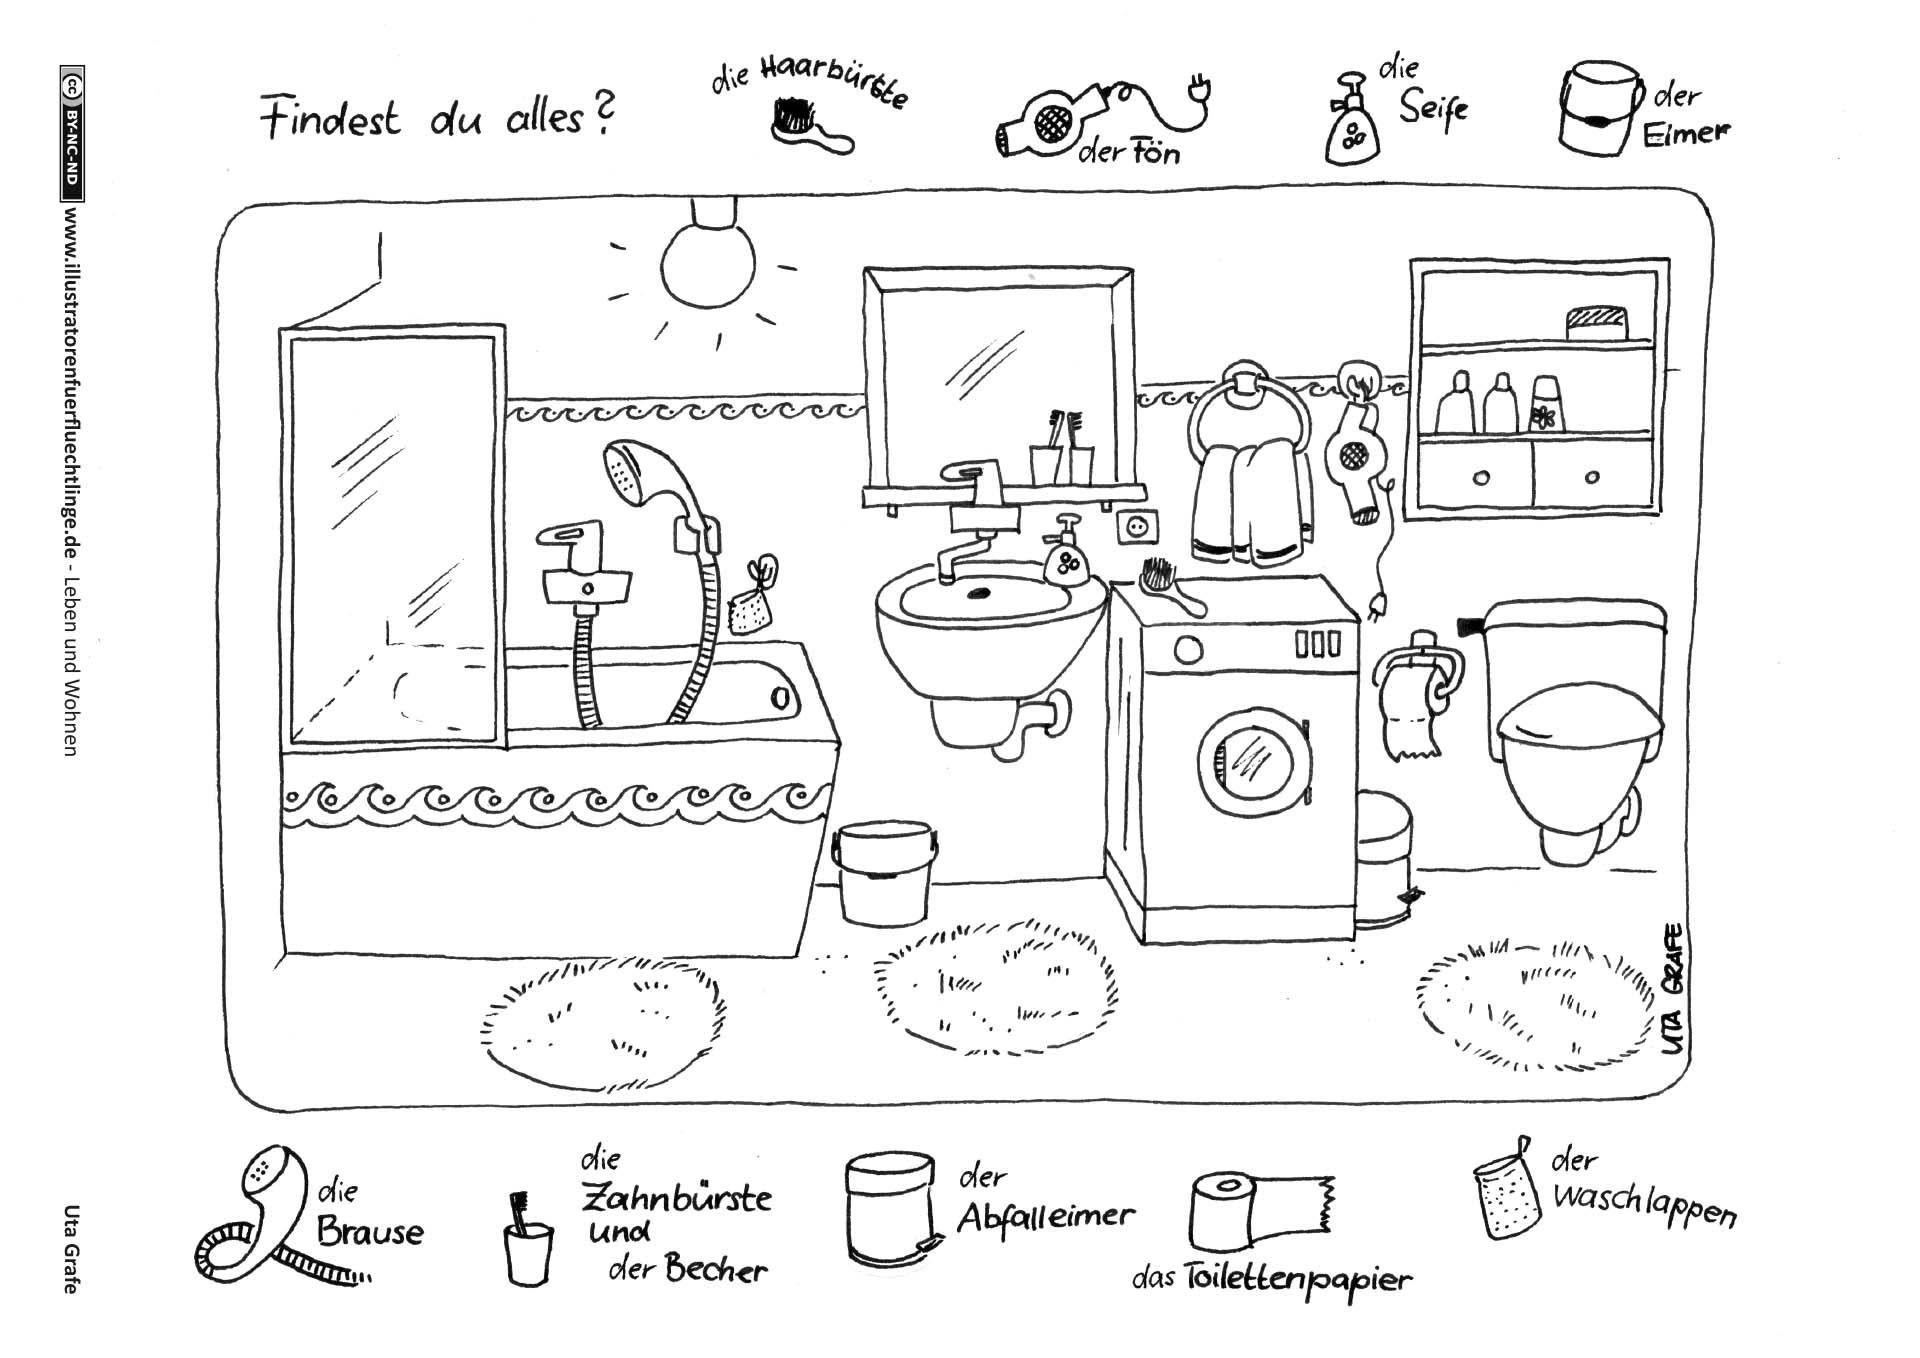 download als pdf leben und wohnen badezimmer grafe daz badezimmer deutschkurs und deutsch. Black Bedroom Furniture Sets. Home Design Ideas